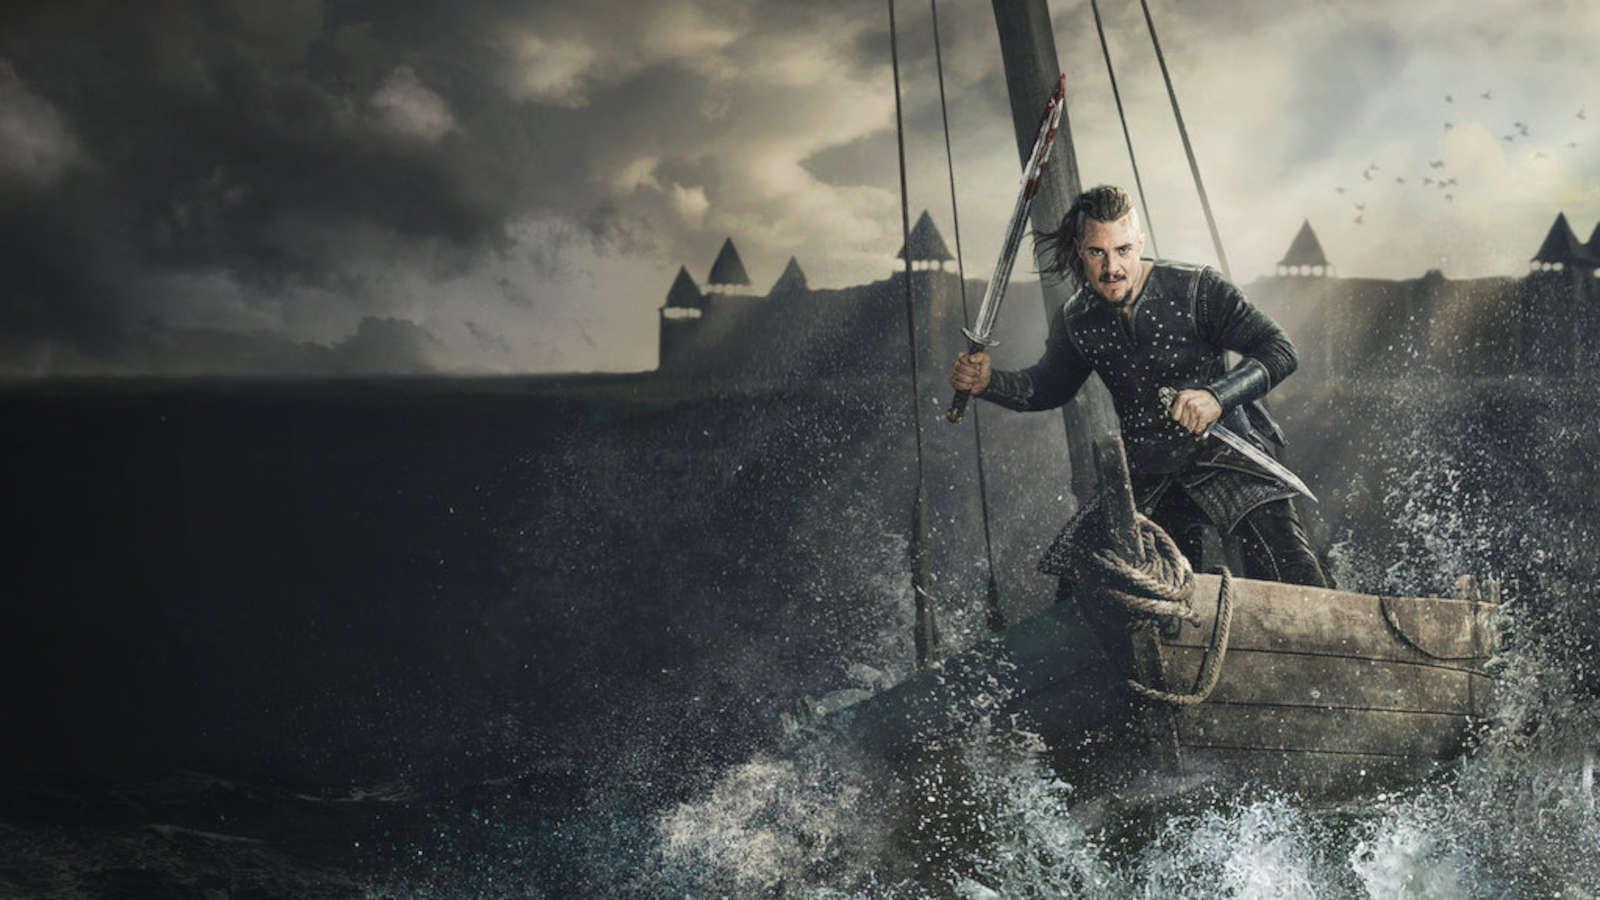 The Last Kingdom, en av alla äventyrsserier på Netflix.